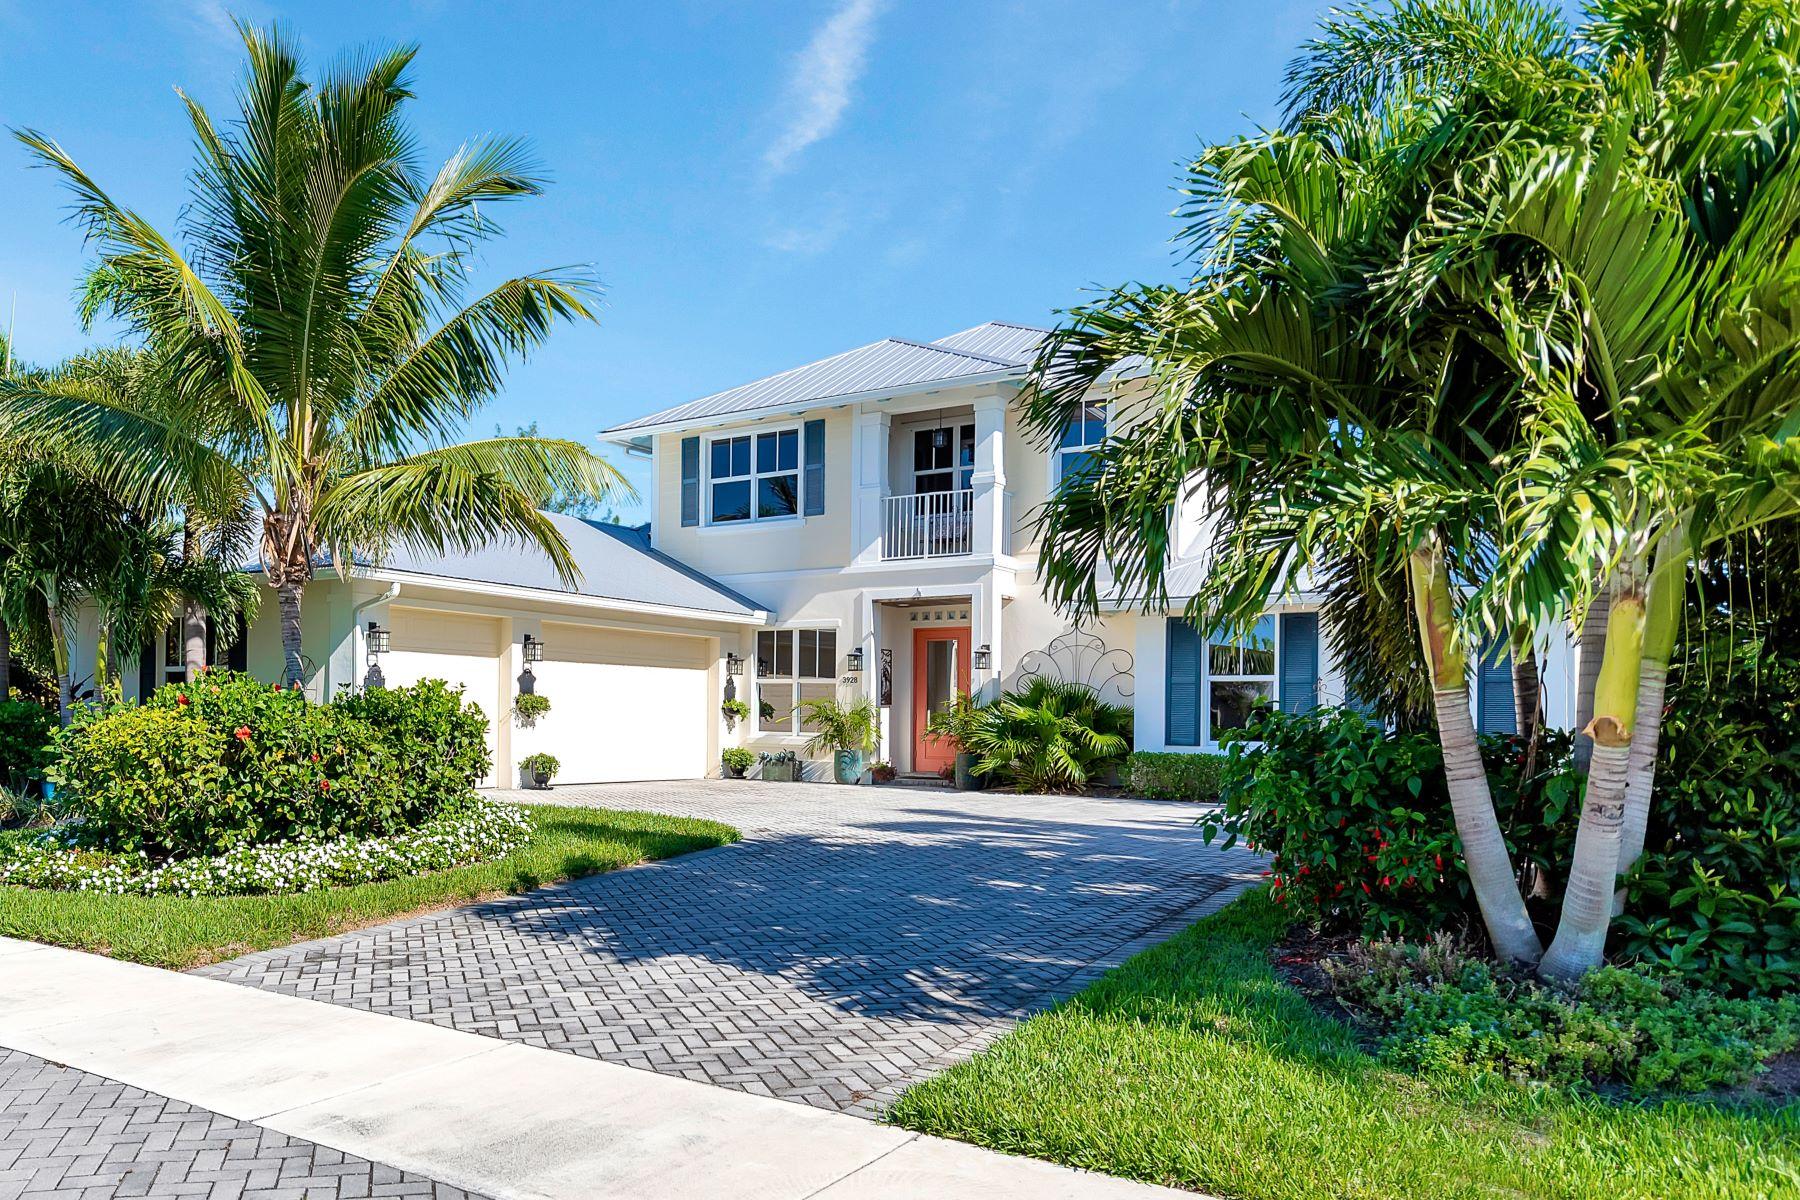 3928 Duneside Drive 3928 Duneside Drive Hutchinson Island, Florida 34949 Estados Unidos